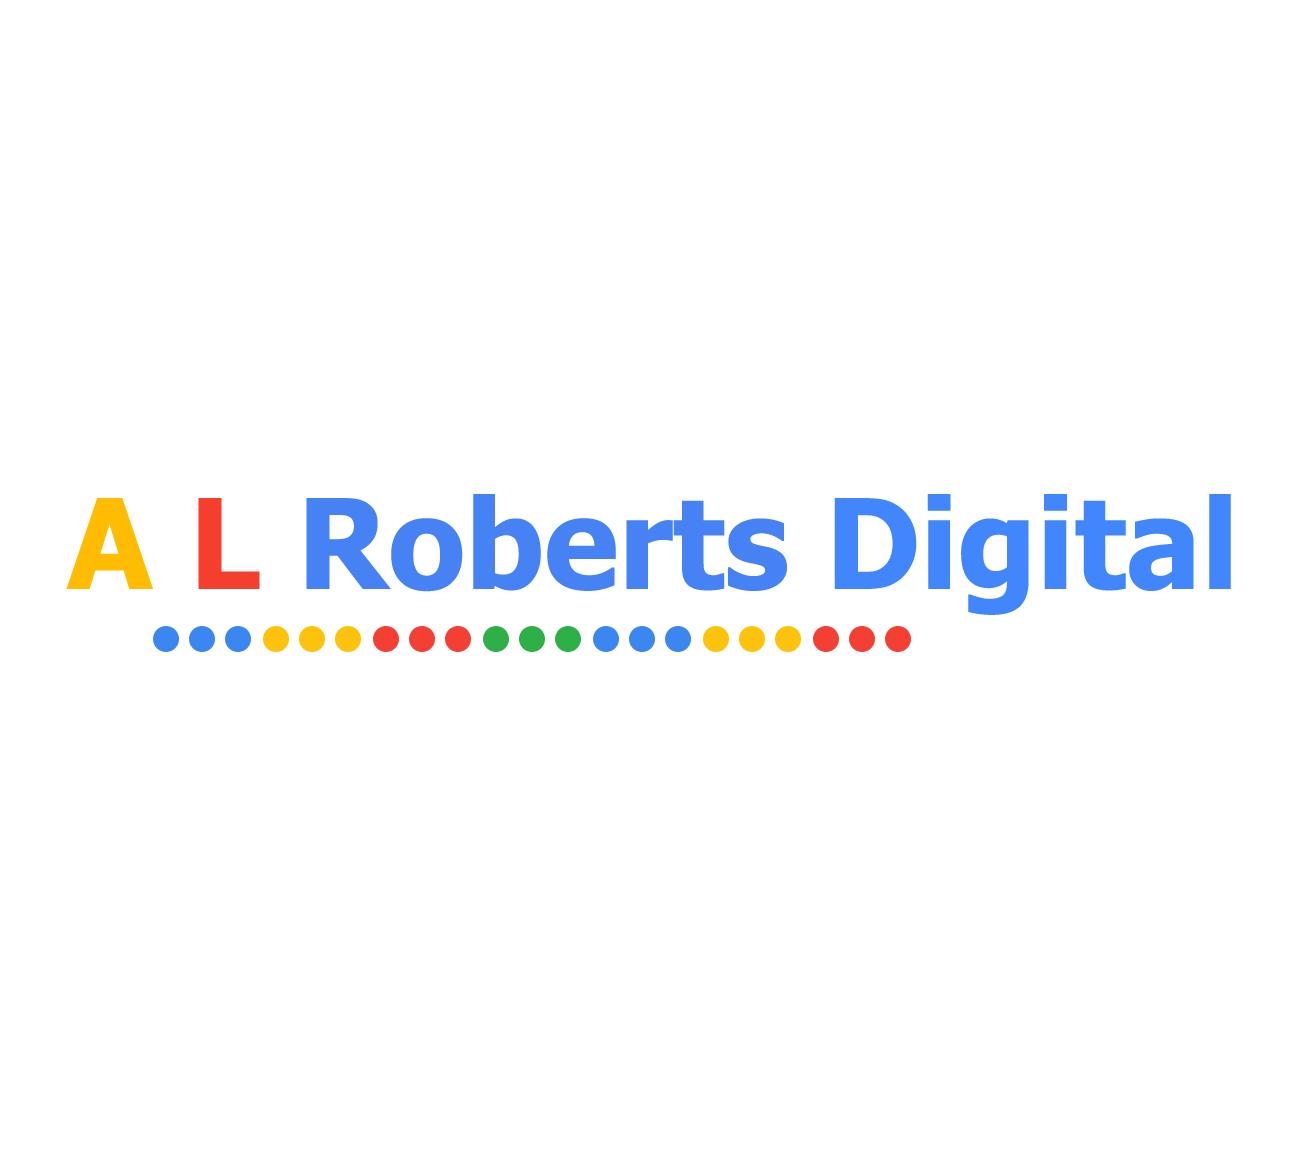 A L Roberts Digital